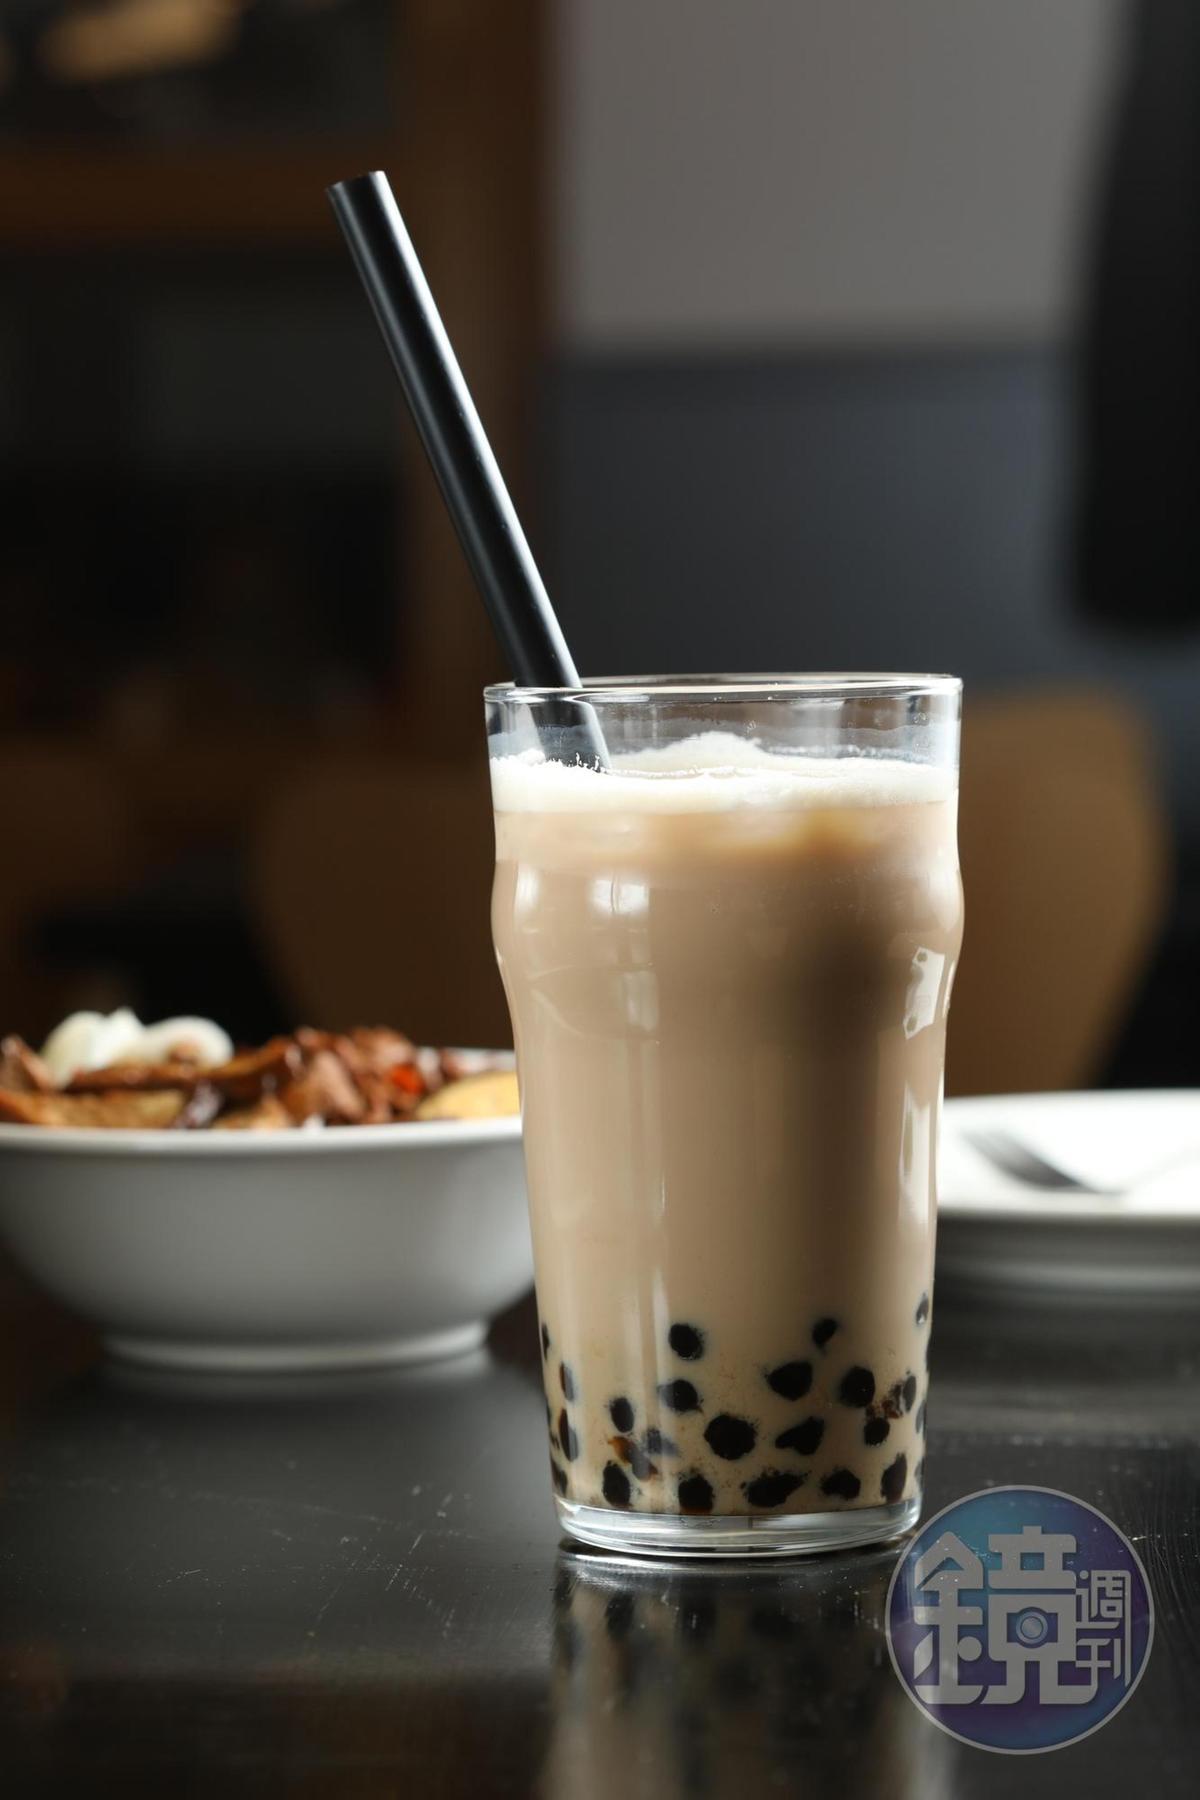 「波霸鮮奶茶」的珍珠全是從台灣空運來匈牙利。(1,188福林/杯,約NT$110)